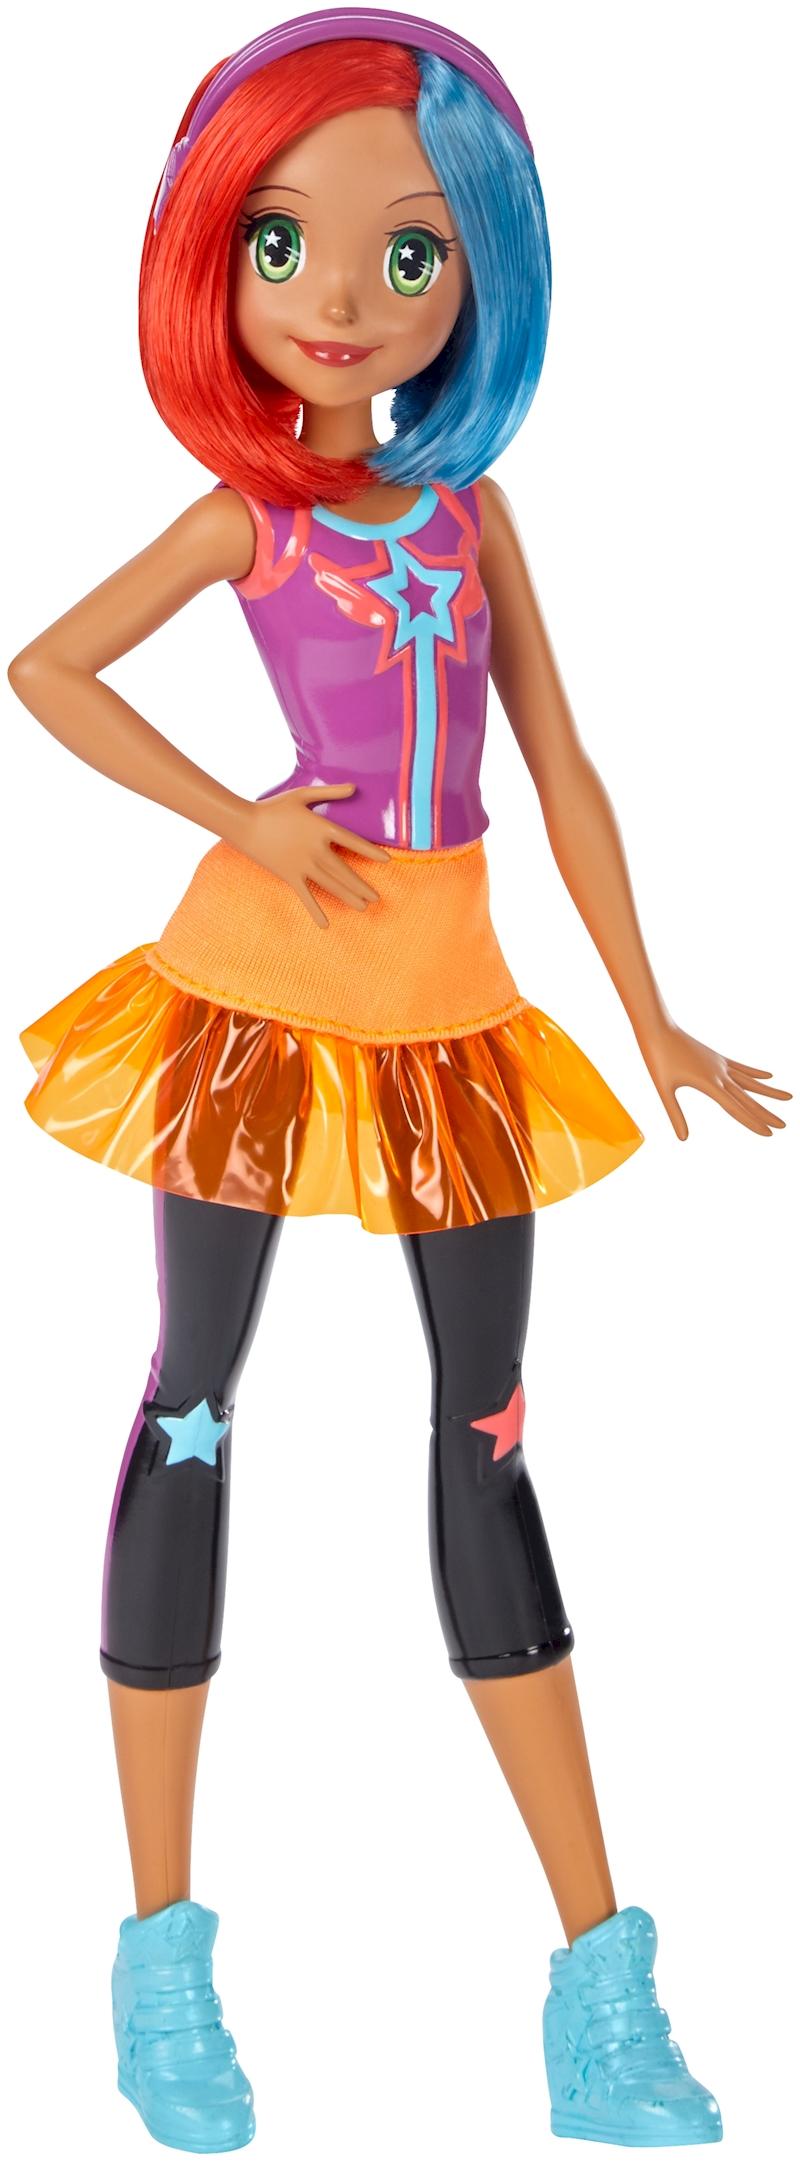 Barbie hair coloring games - Barbie Hair Coloring Games 16